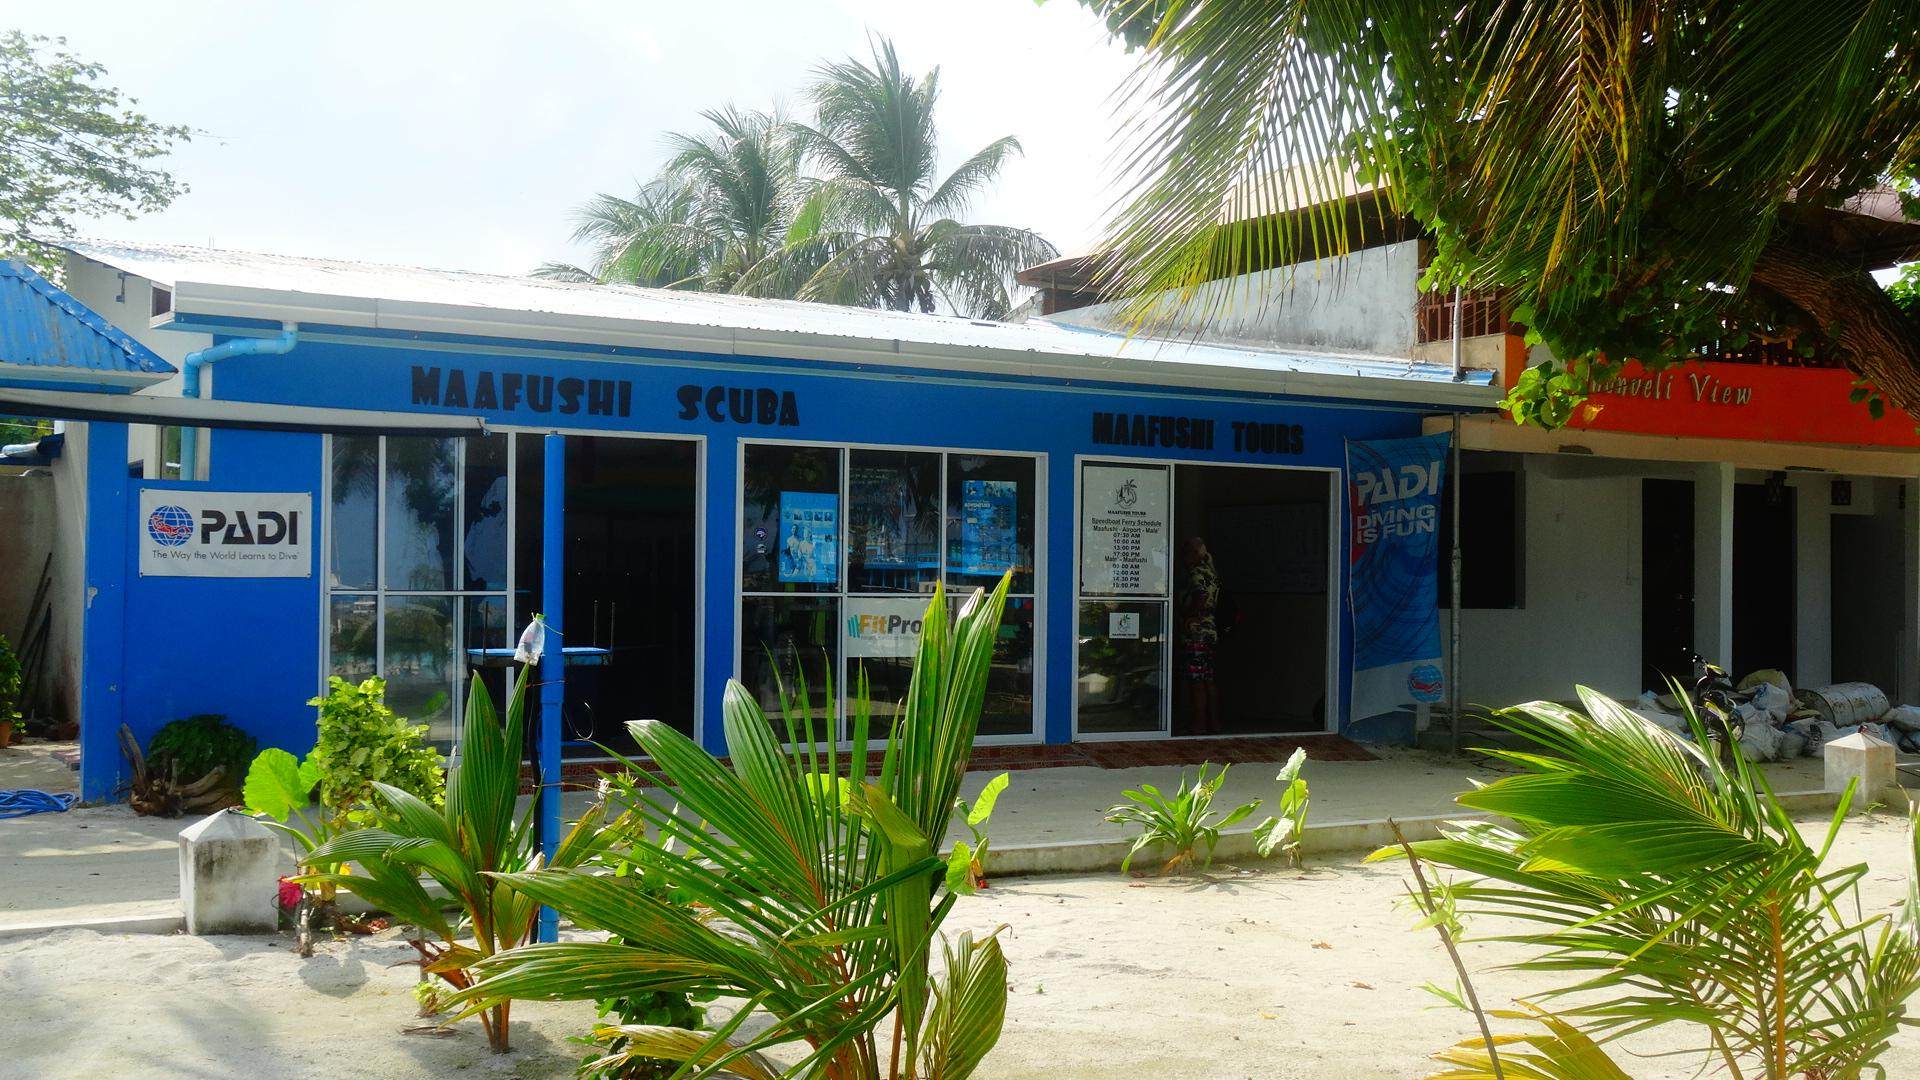 Duikschool op Maafushi in de Malediven